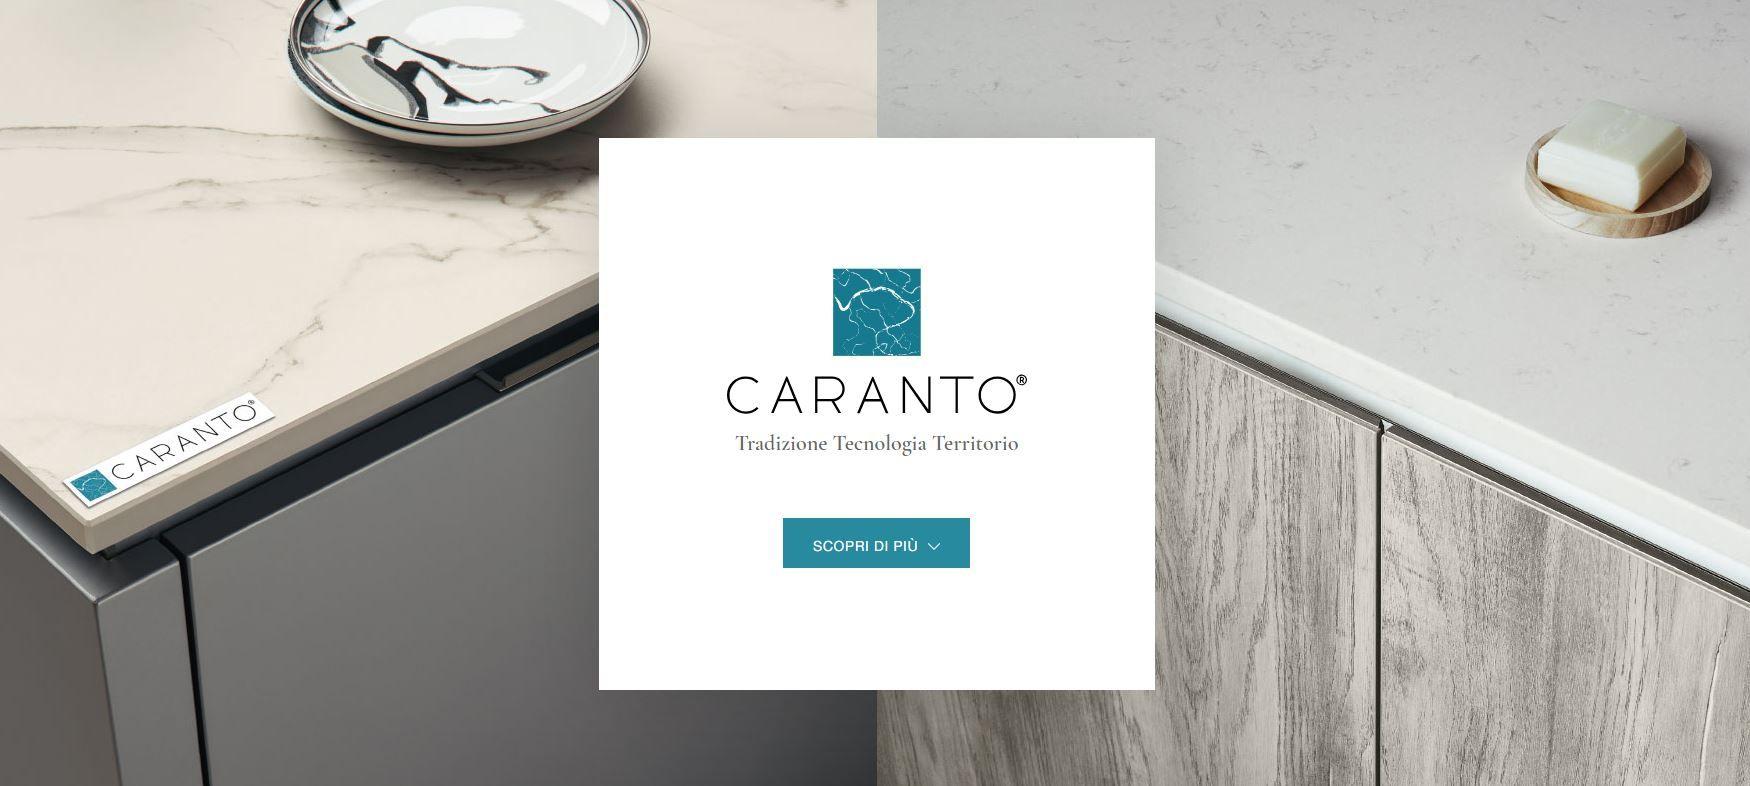 Caranto è la nuova linea di prodotti per rendere ancora più ...